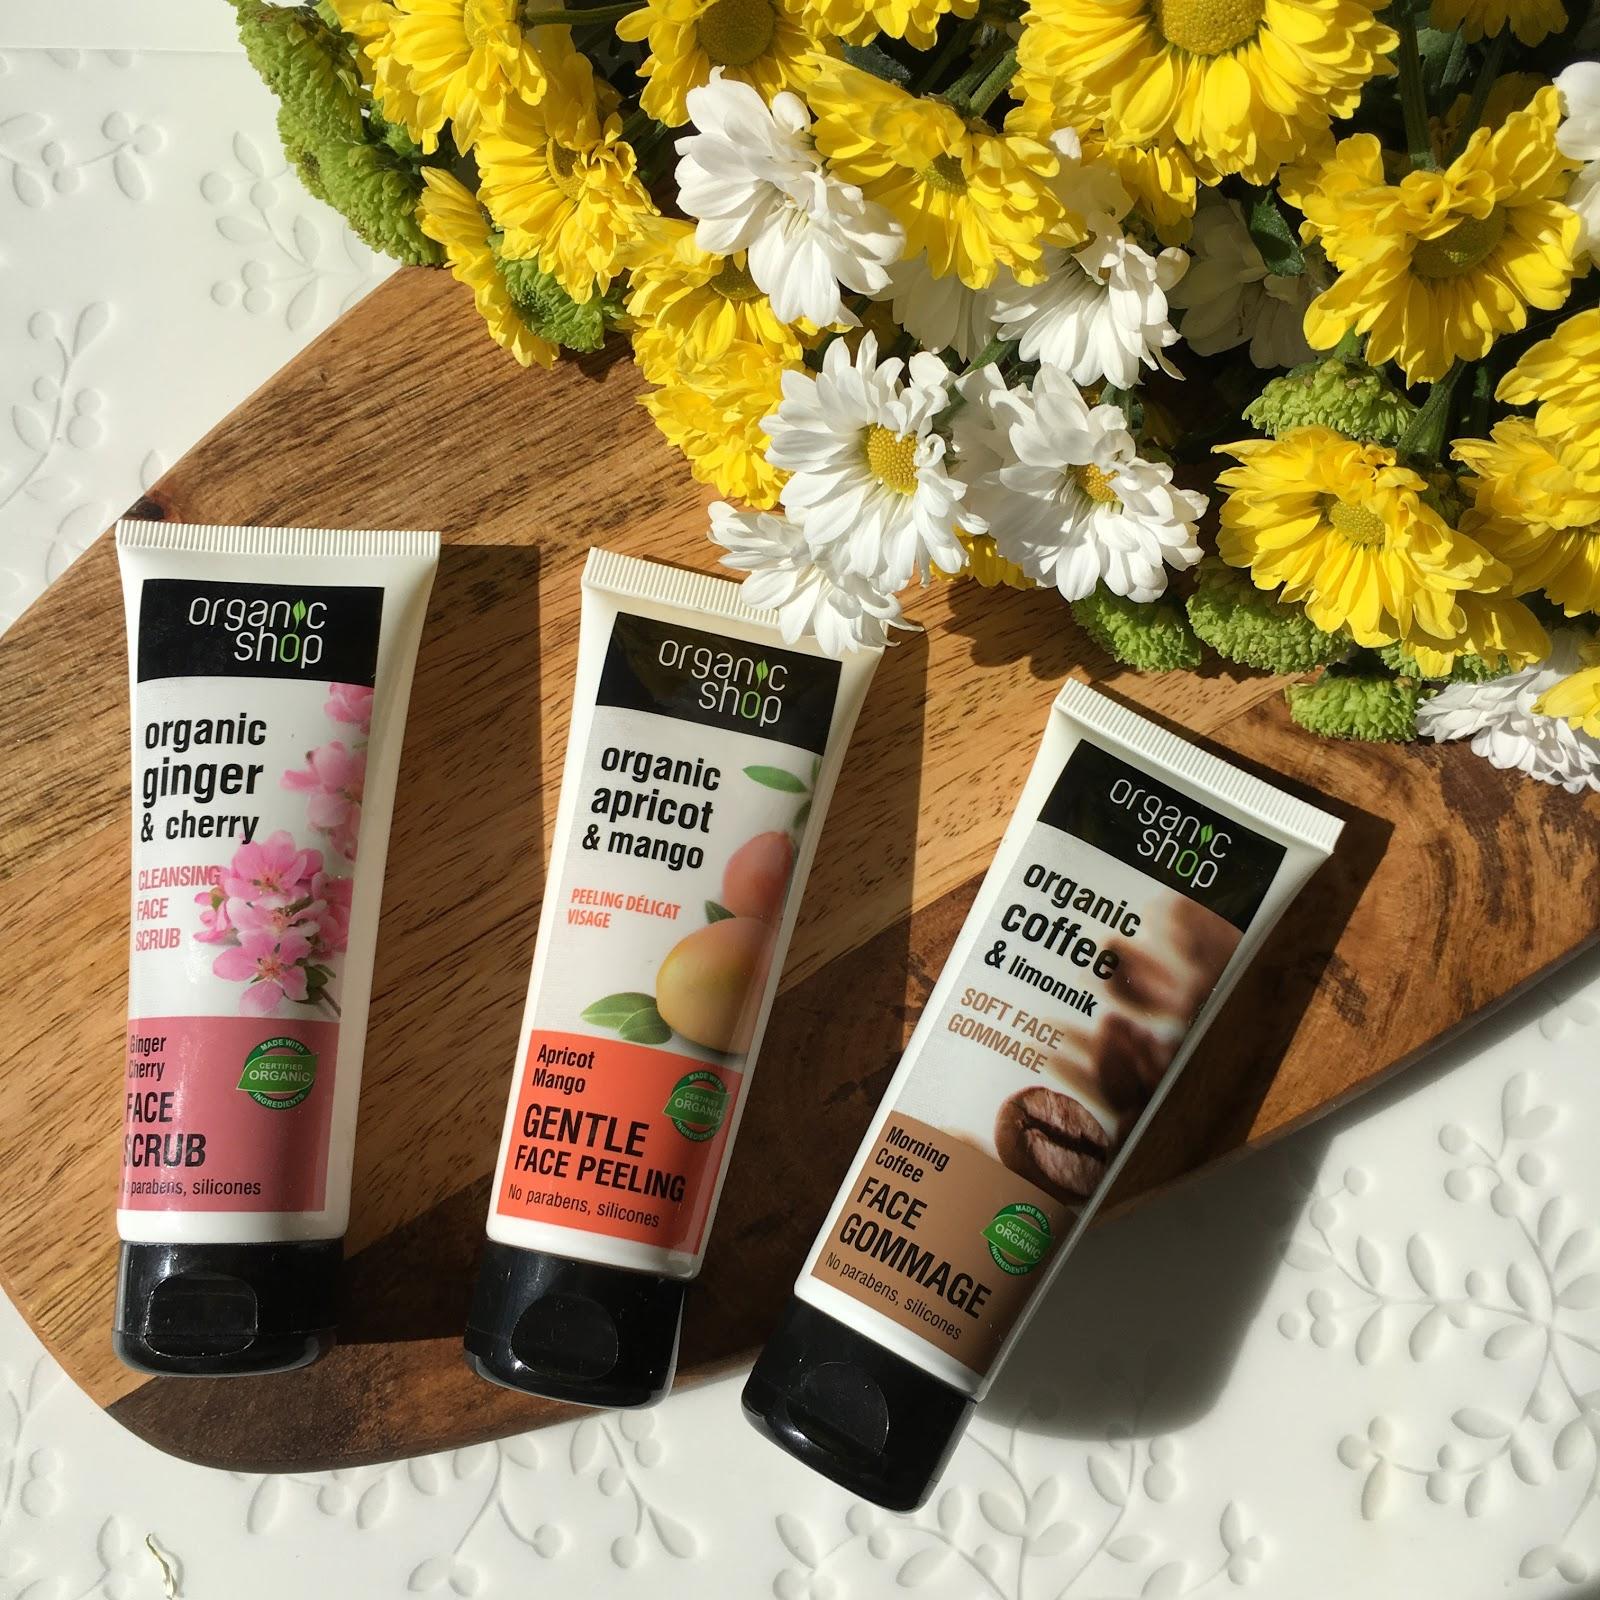 Peelingi z Organic Shop w 3 odsłonach: Oczyszczający scrub do twarzy - Wiśnia Imbirowa, Delikatny peeling do twarzy - Morela i Mango oraz Delikatny peeling do twarzy - Poranna kawa.